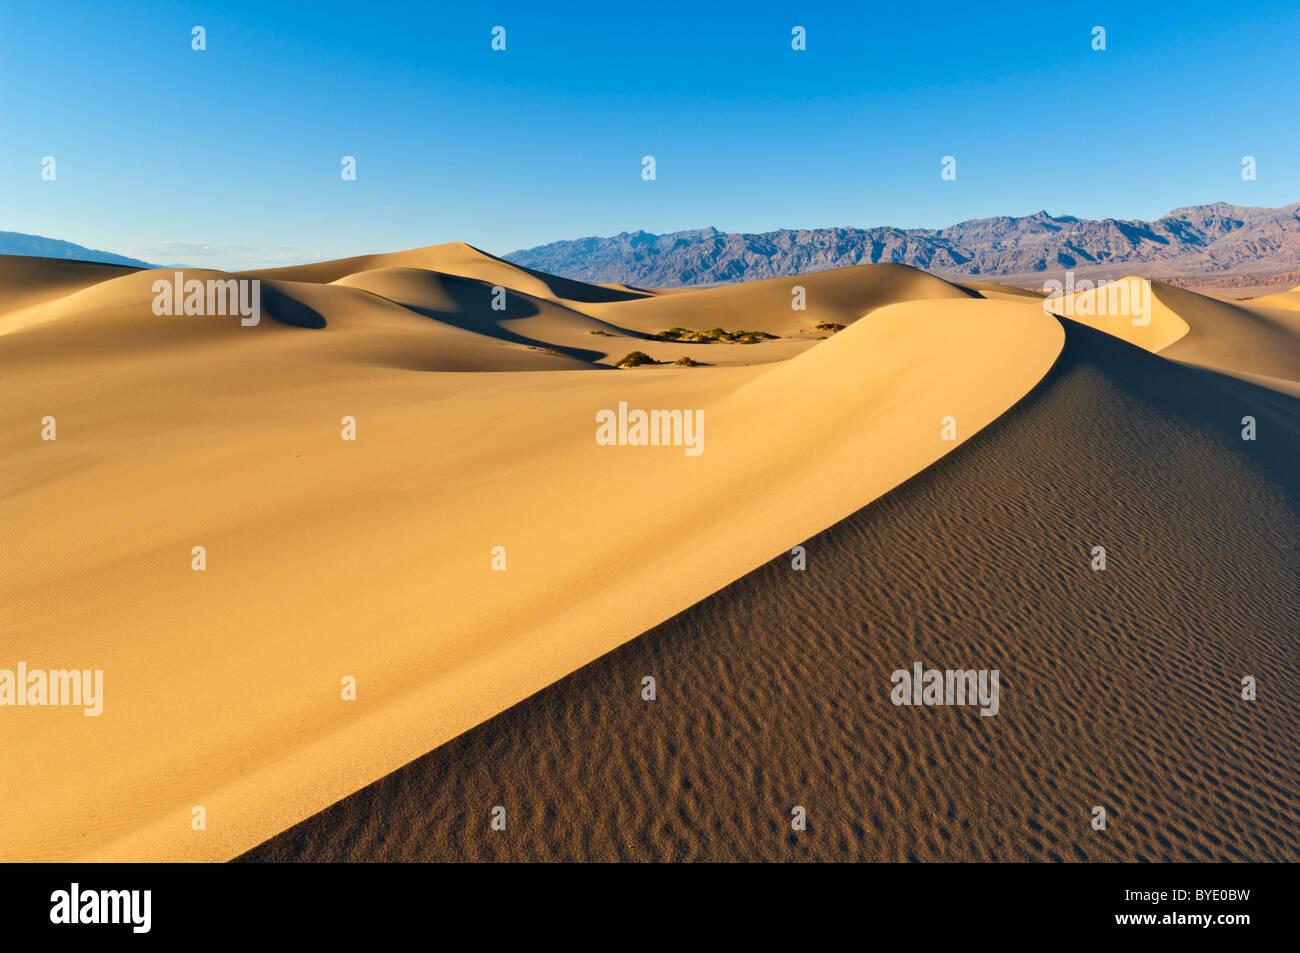 Appartements Mesquite sand dunes Grapevine Mountains de l'Amargosa range Stovepipe Wells Death Valley National Park Californie Banque D'Images